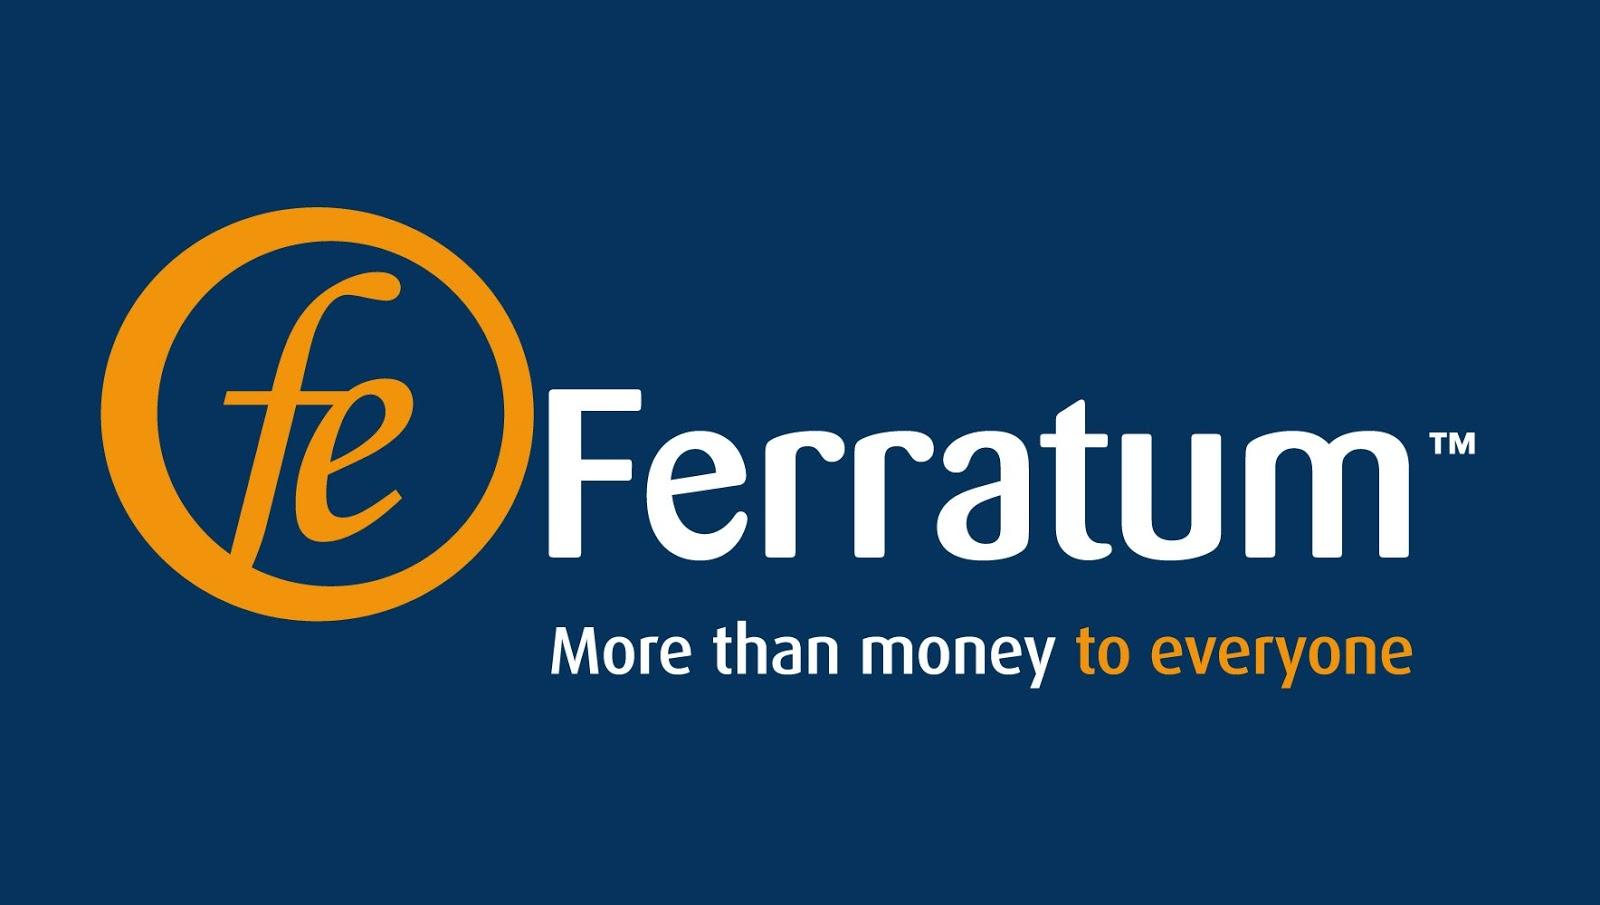 [10€] Ferratumbank 100% Móvil Sin Comisiones